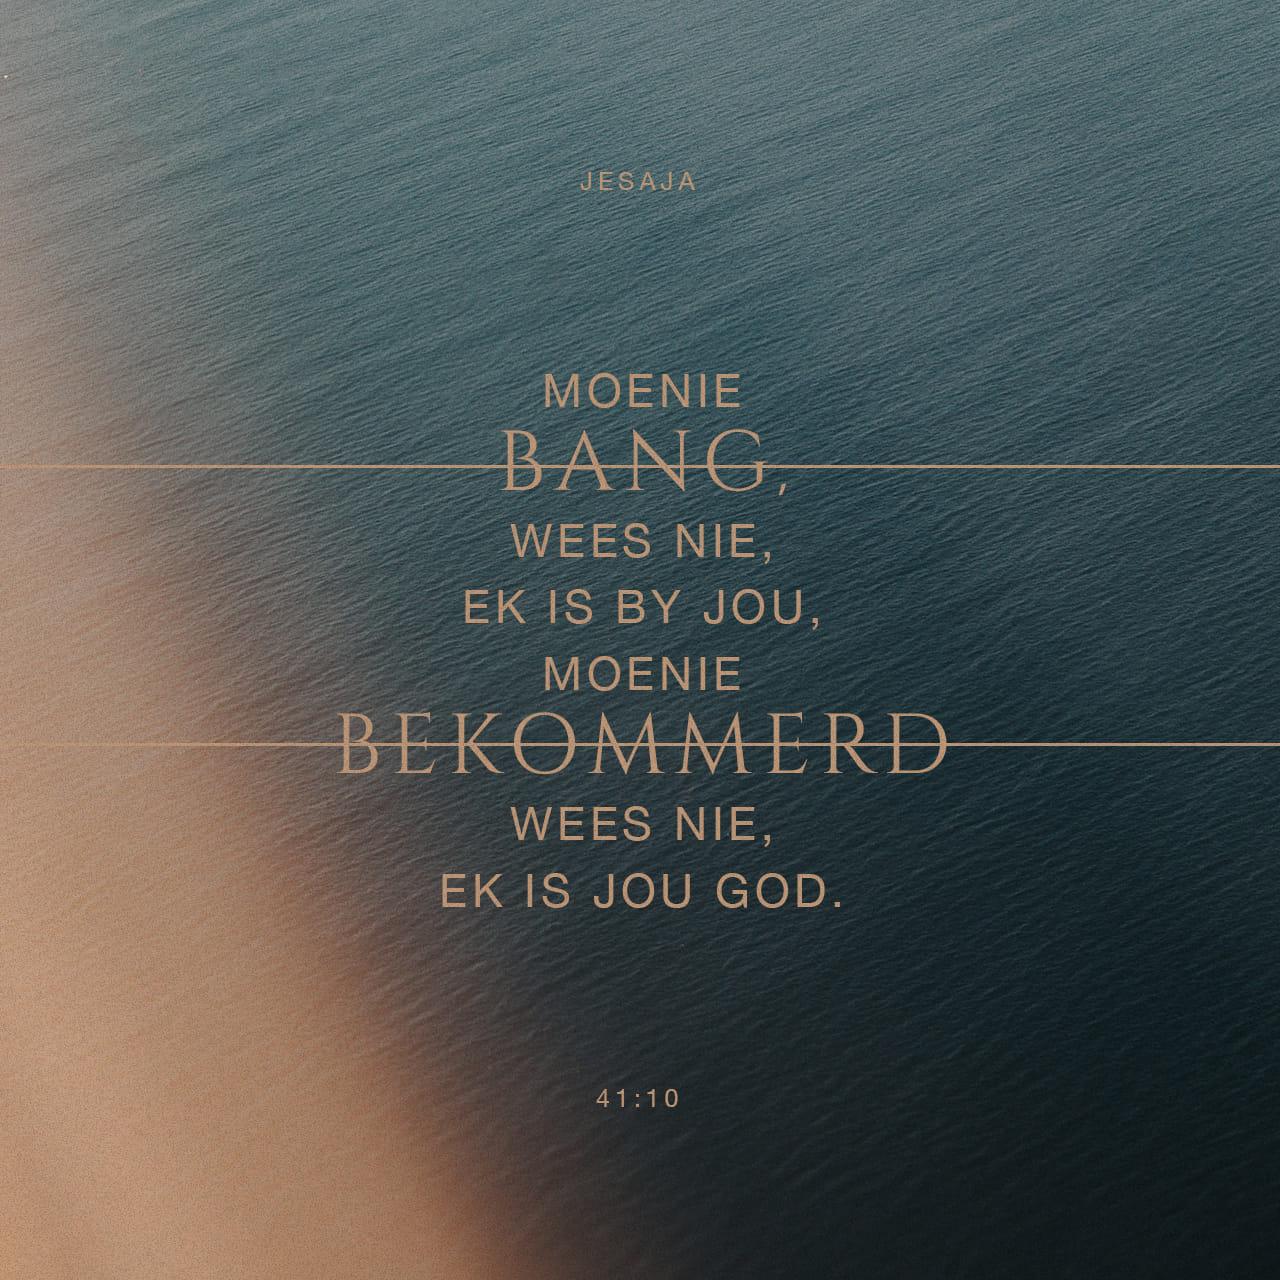 Moenie bang wees nie, Ek is by jou, moenie bekommerd wees nie, Ek is jou God. — Jesaja 41:10 — Versbeeld